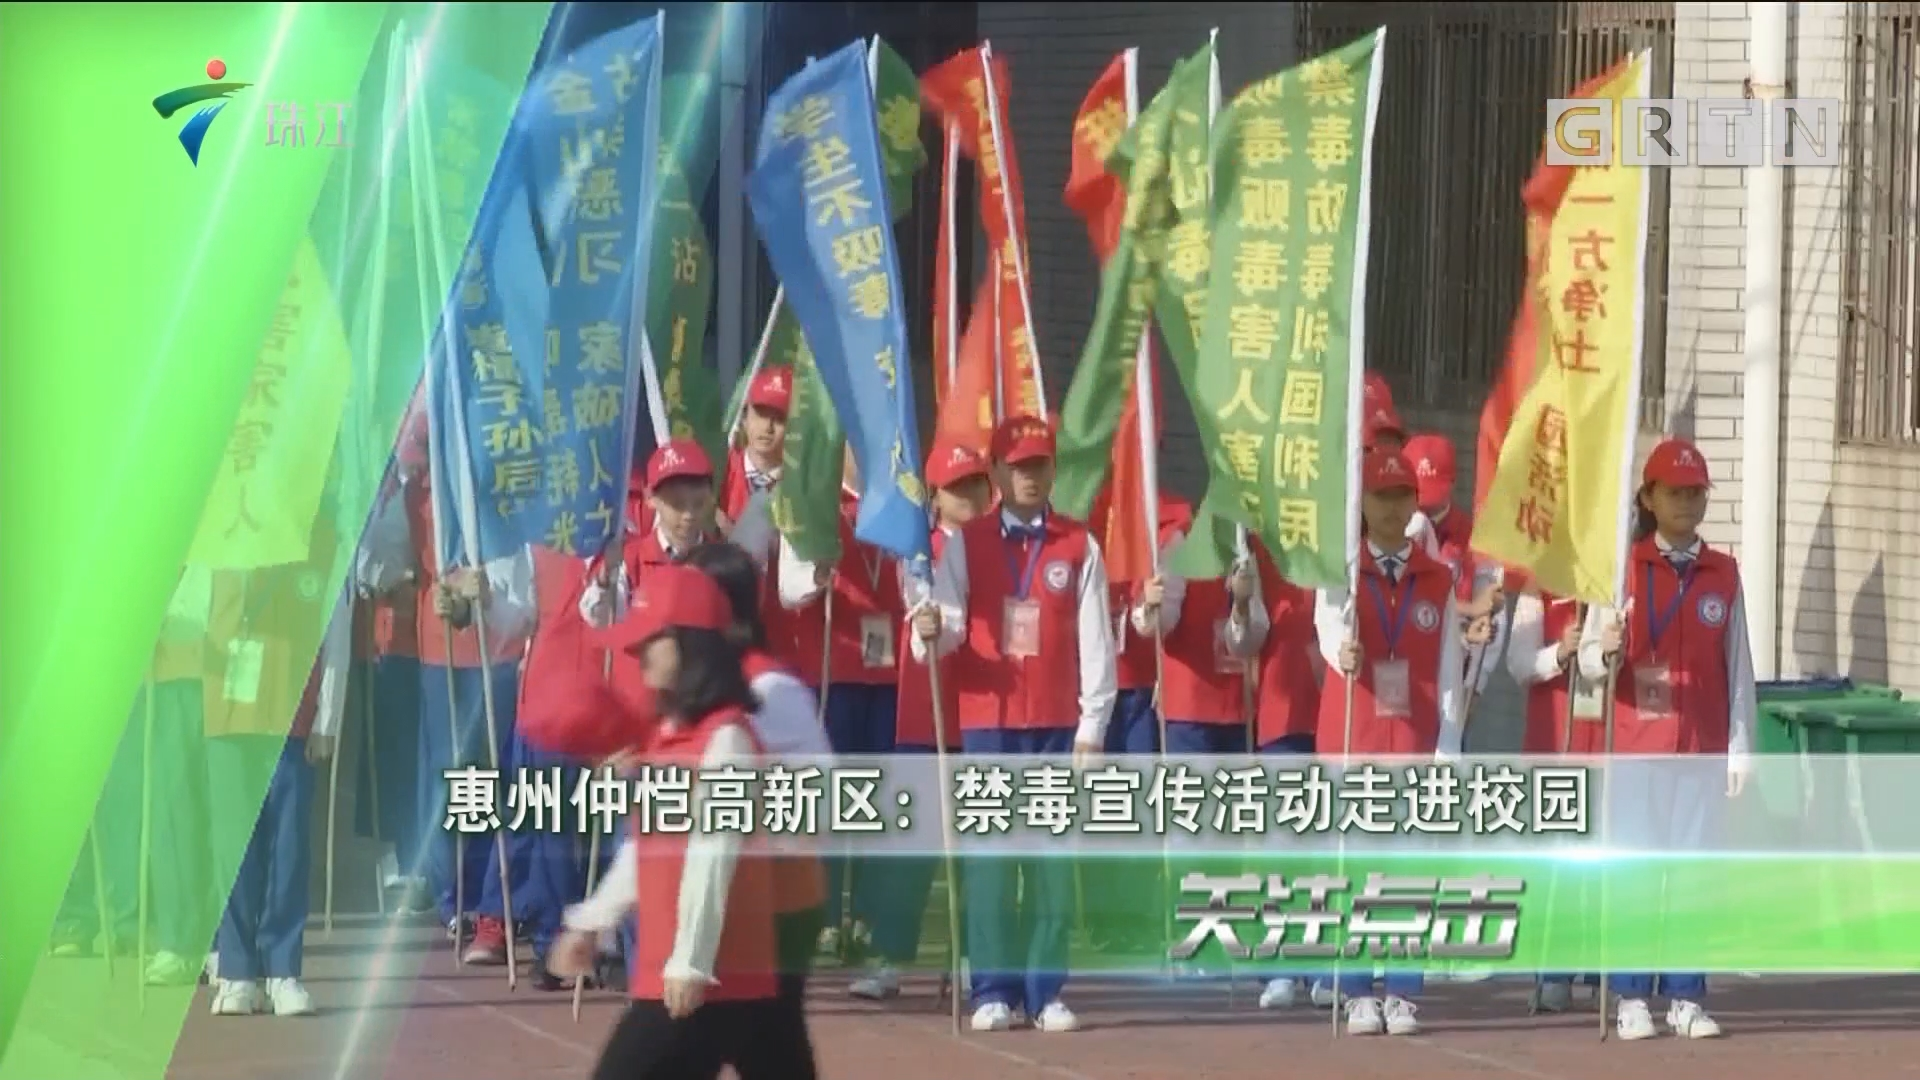 惠州仲恺高新区:禁毒宣传活动走进校园